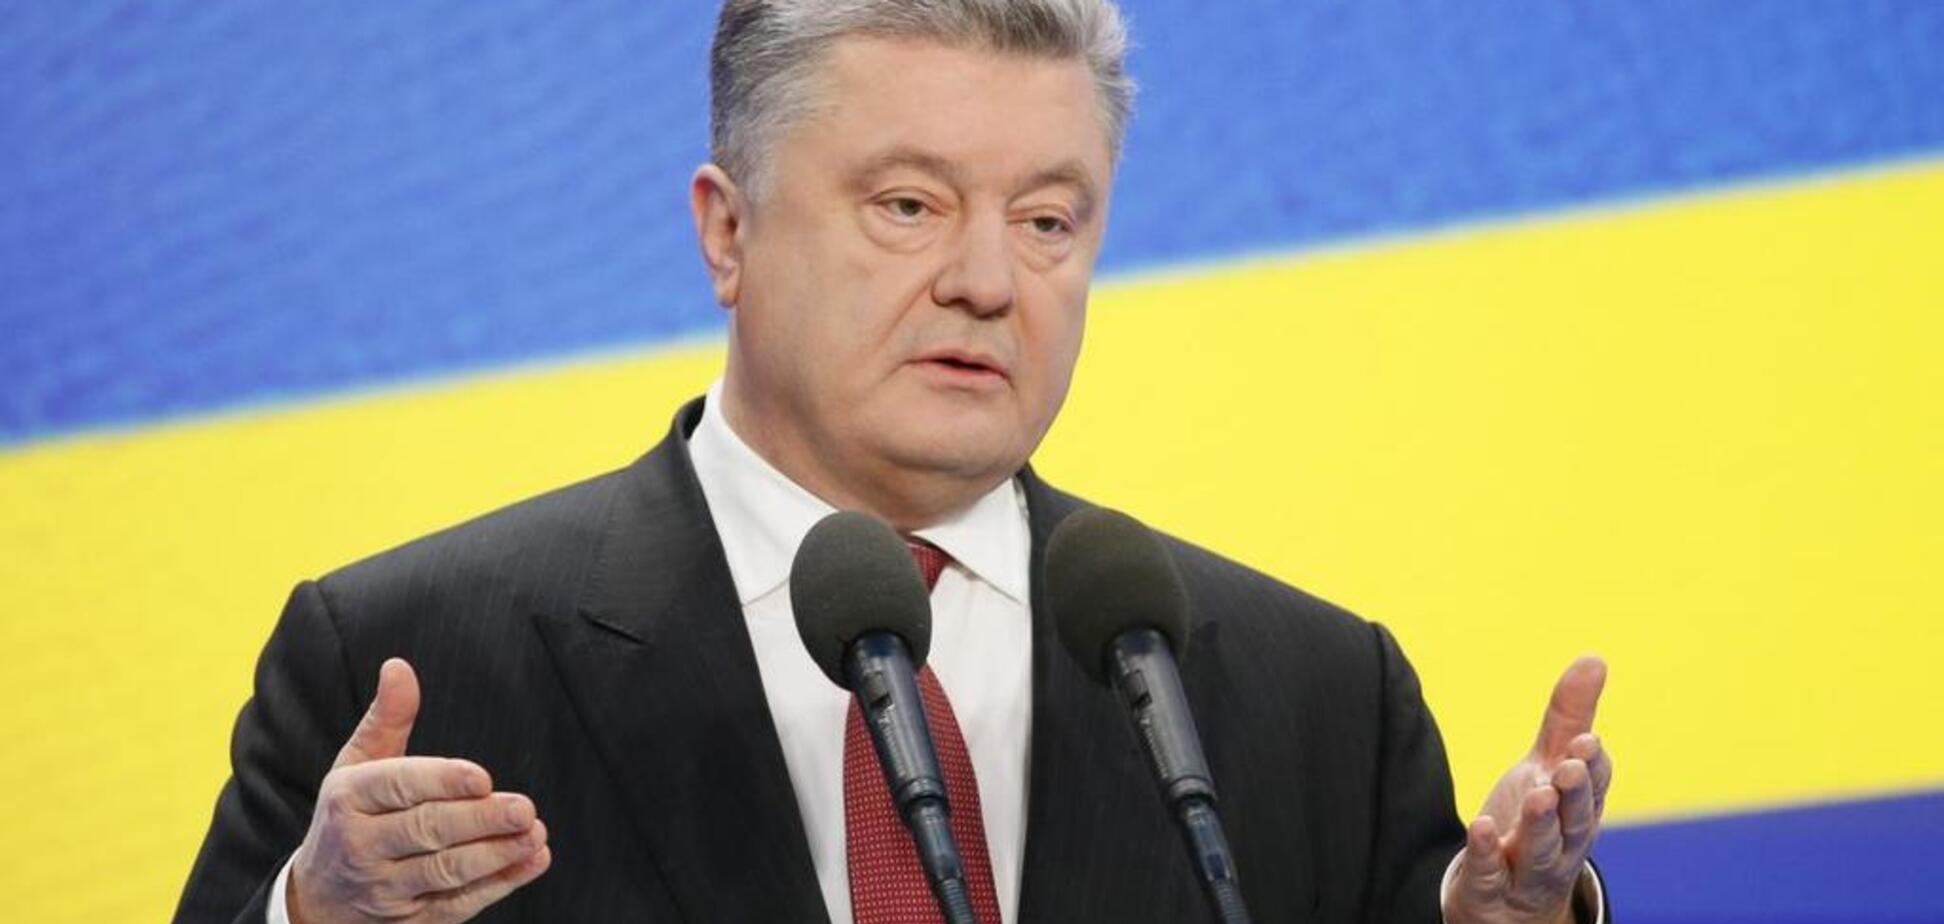 'Украинский флаг вернется!' Порошенко сделал мощное предупреждение оккупантам